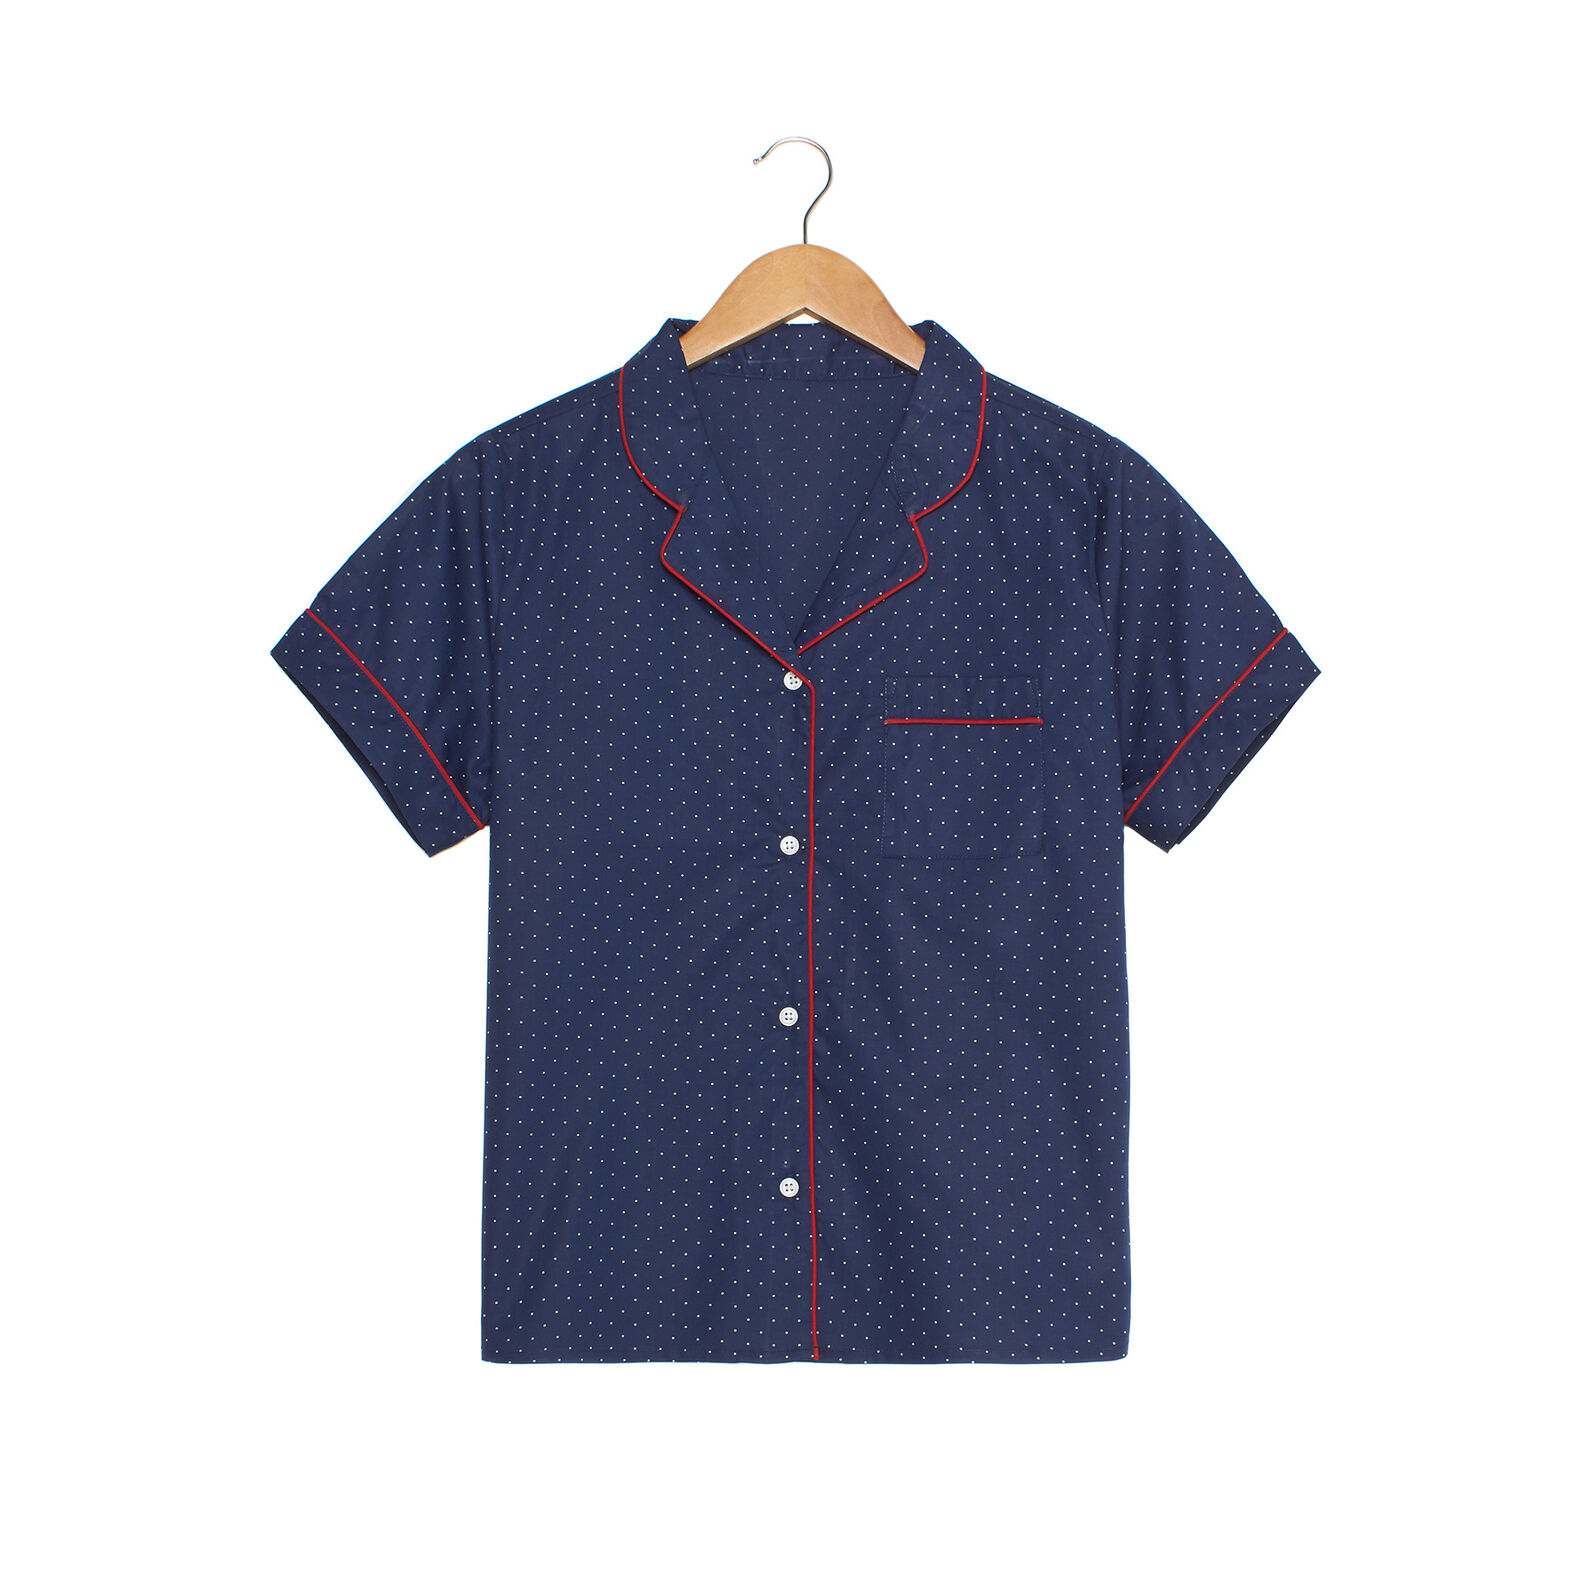 Polka dot shirt with contrasting piping and short sleeves.